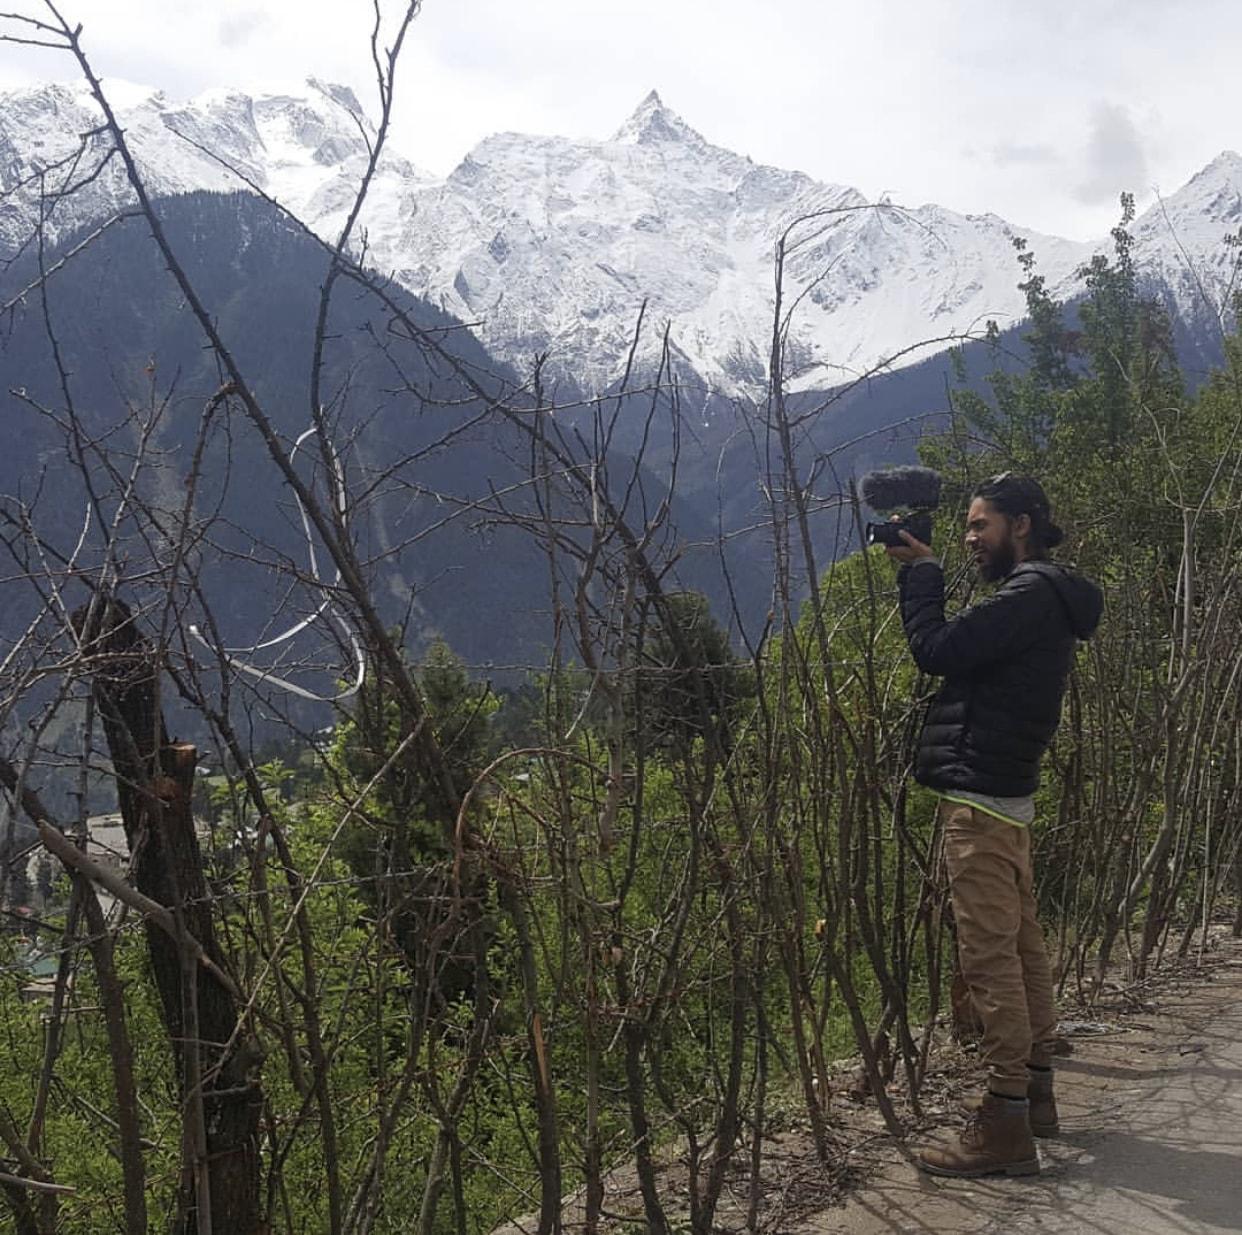 Reckong Peo, Indian Himalayas